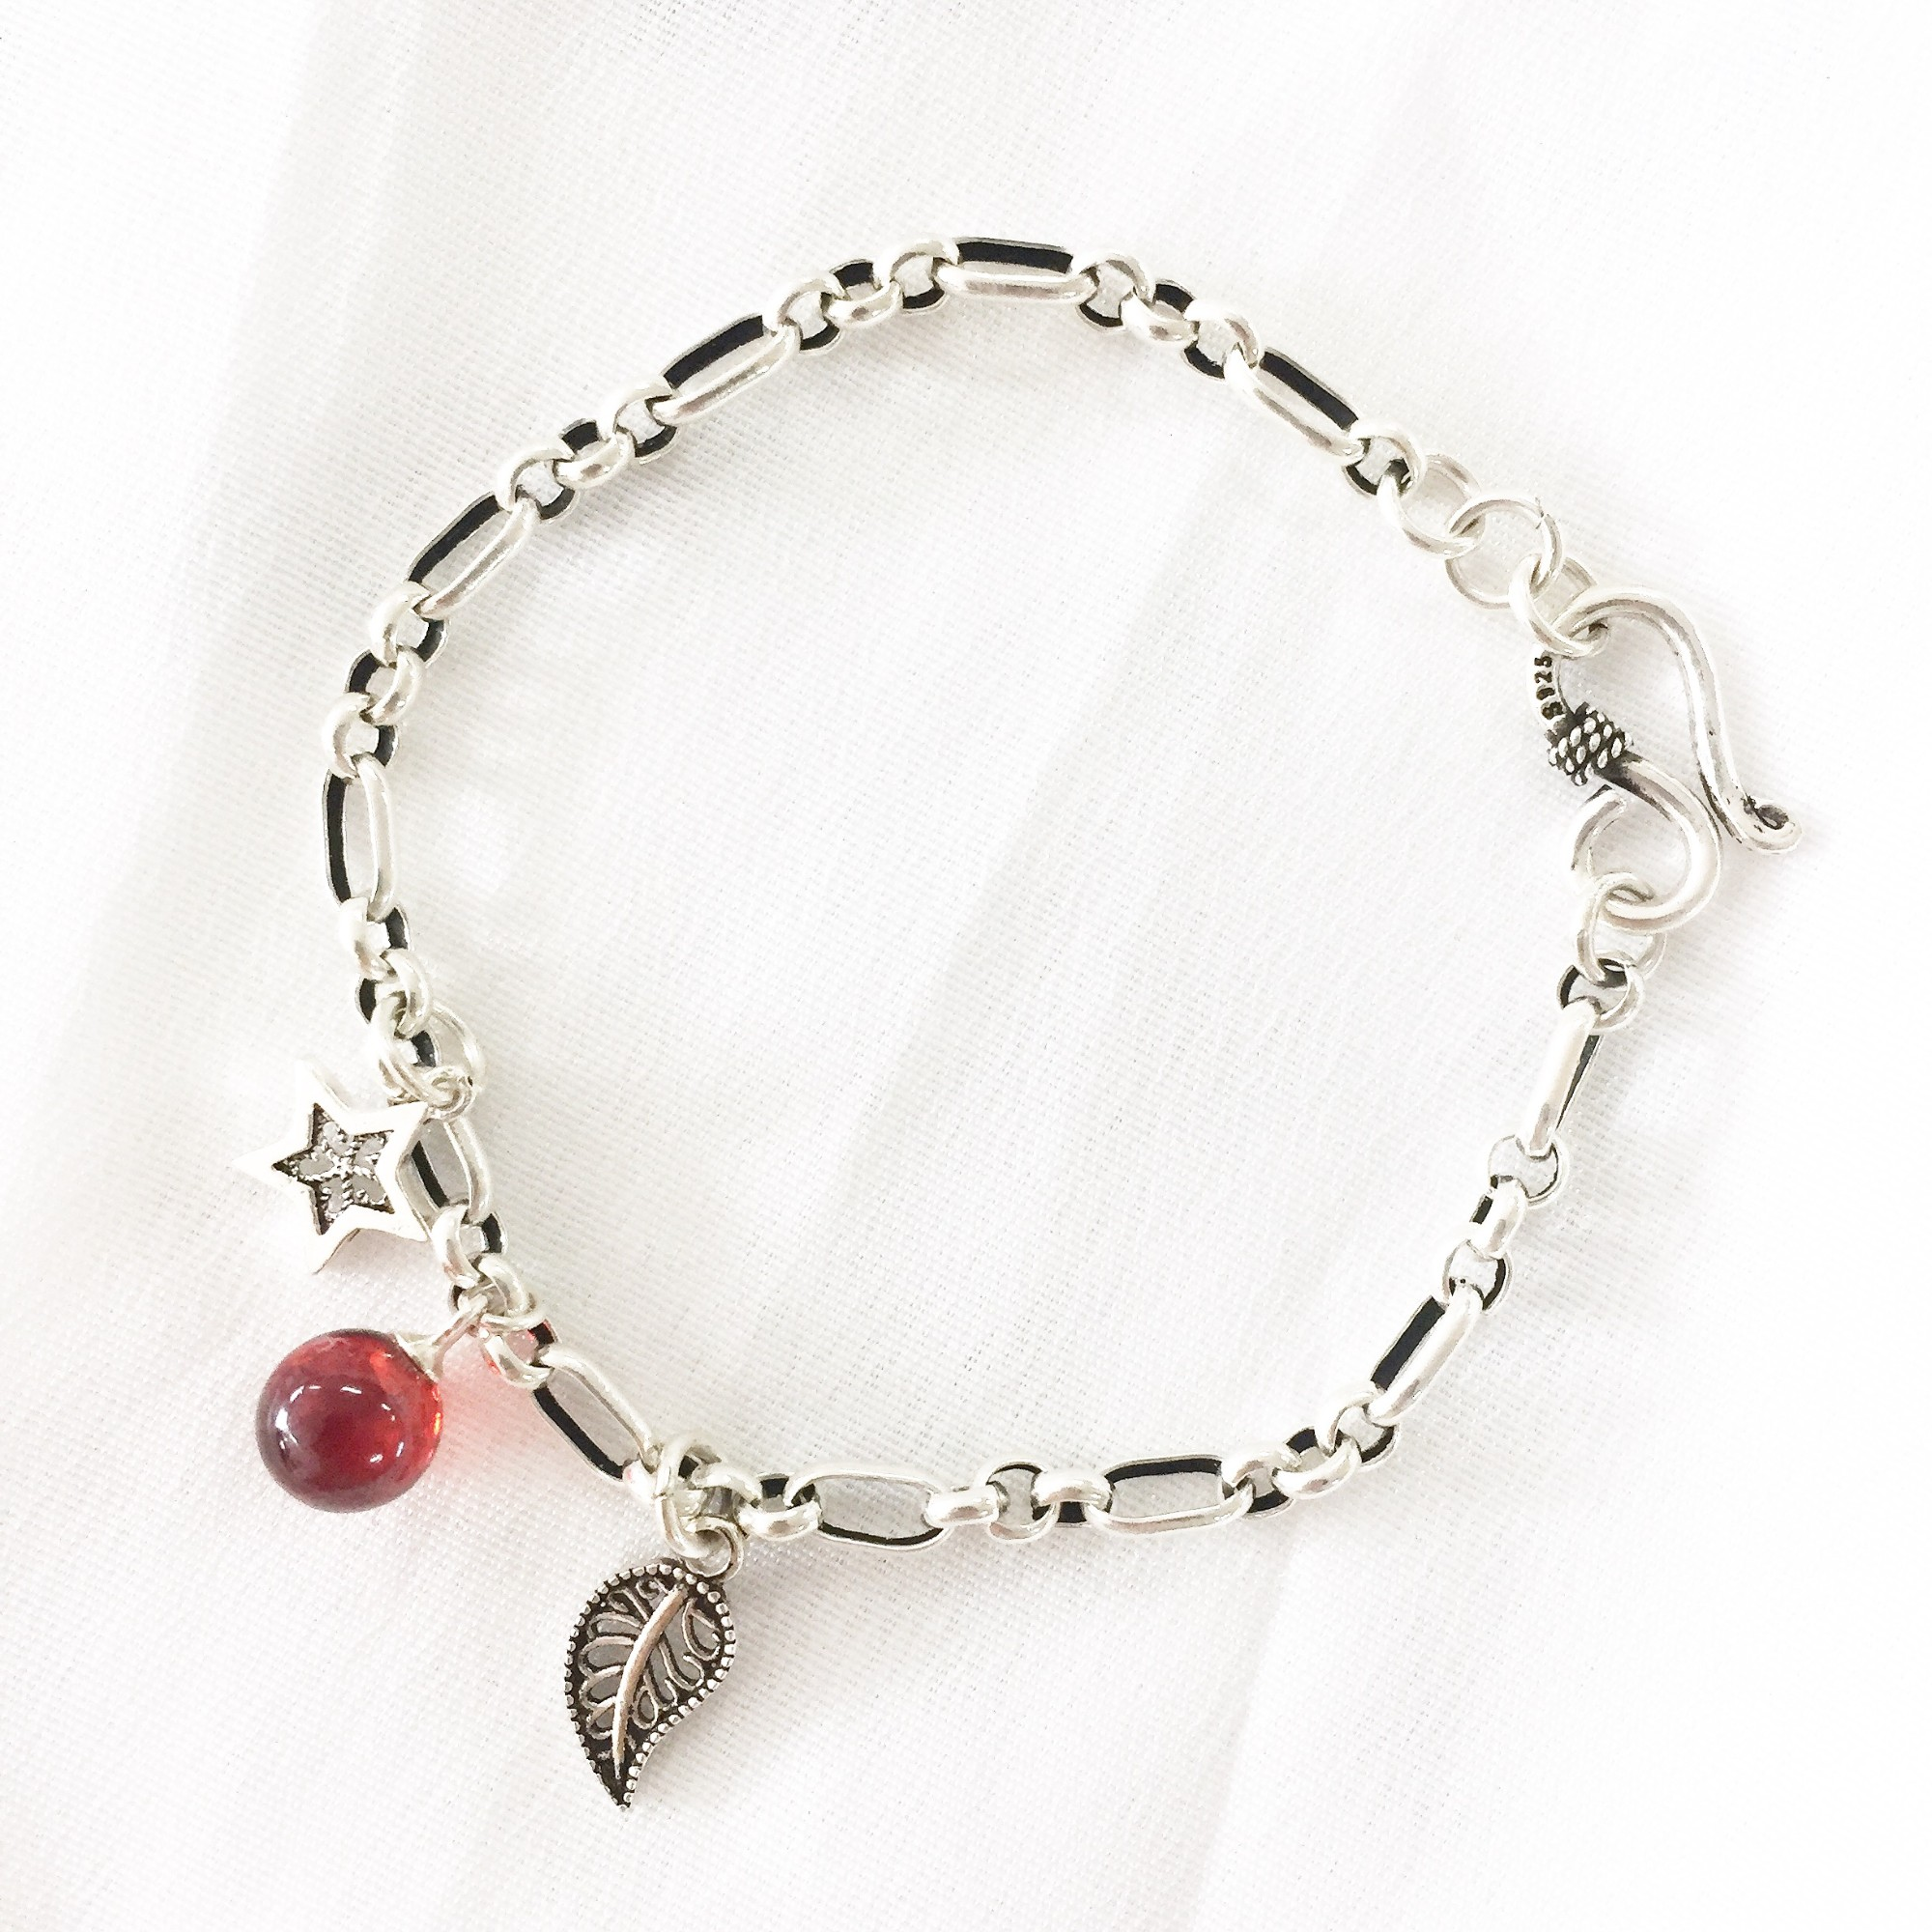 简约复古设计感玛瑙潮流网红ins学生情侣水晶手链